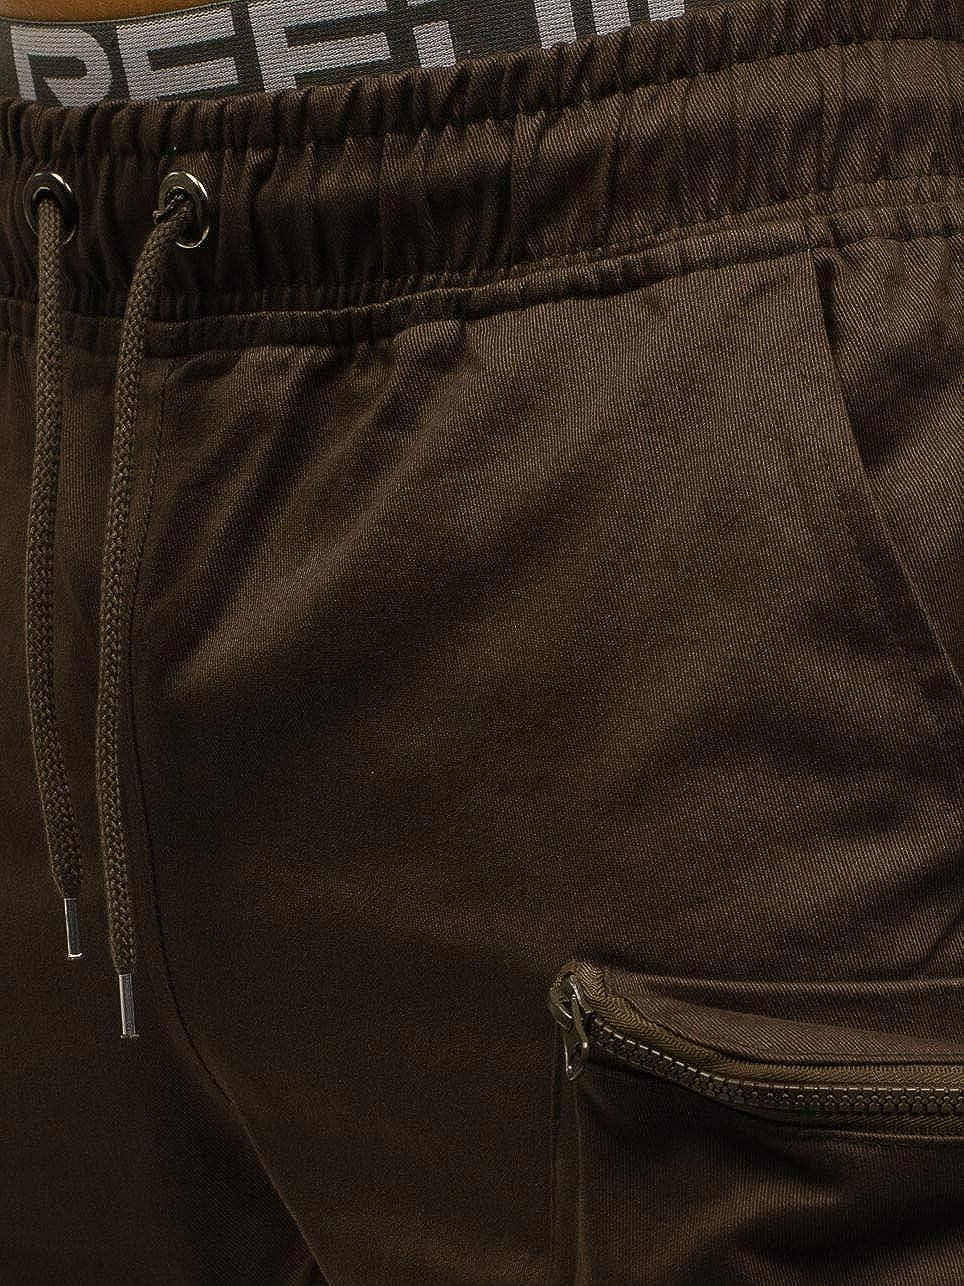 5ALL Pantaloni da Lavoro da Uomo Pantaloni da Tuta mimetici Multitasche Casual Pantaloni da Jogging Classici con Coulisse Pantaloni Aderenti da Uomo Elasticizzati